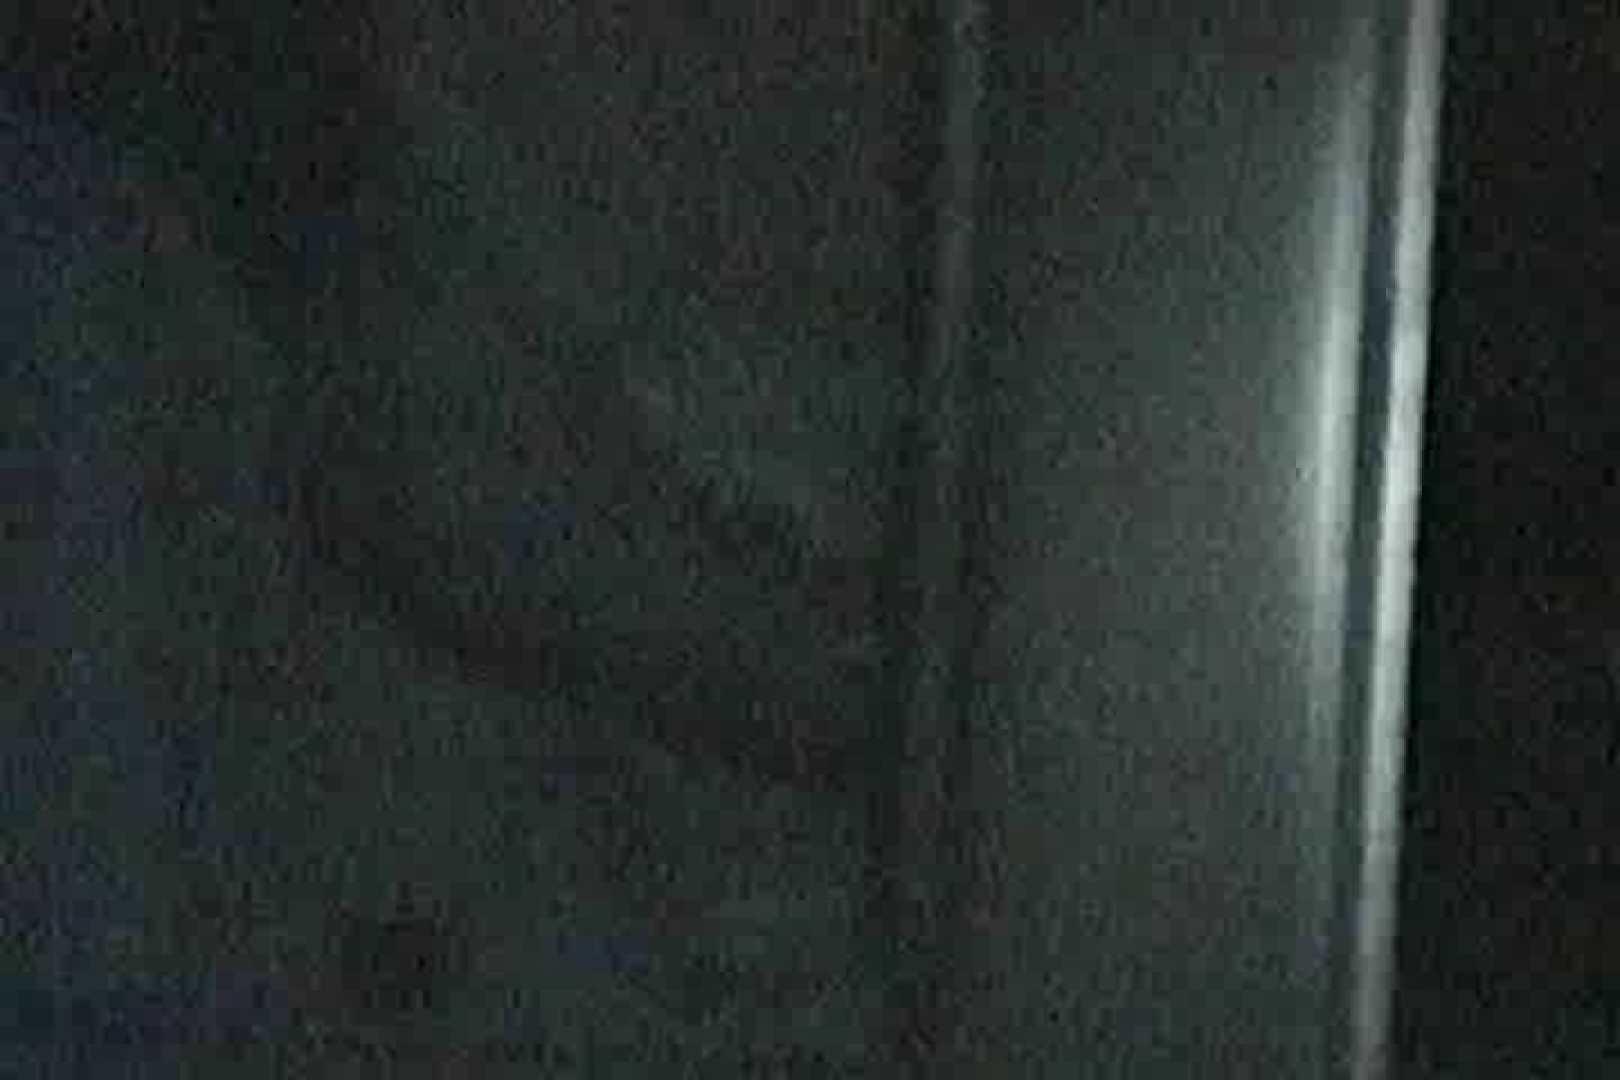 充血監督の深夜の運動会Vol.8 美しいOLの裸体 | おっぱい  75pic 31